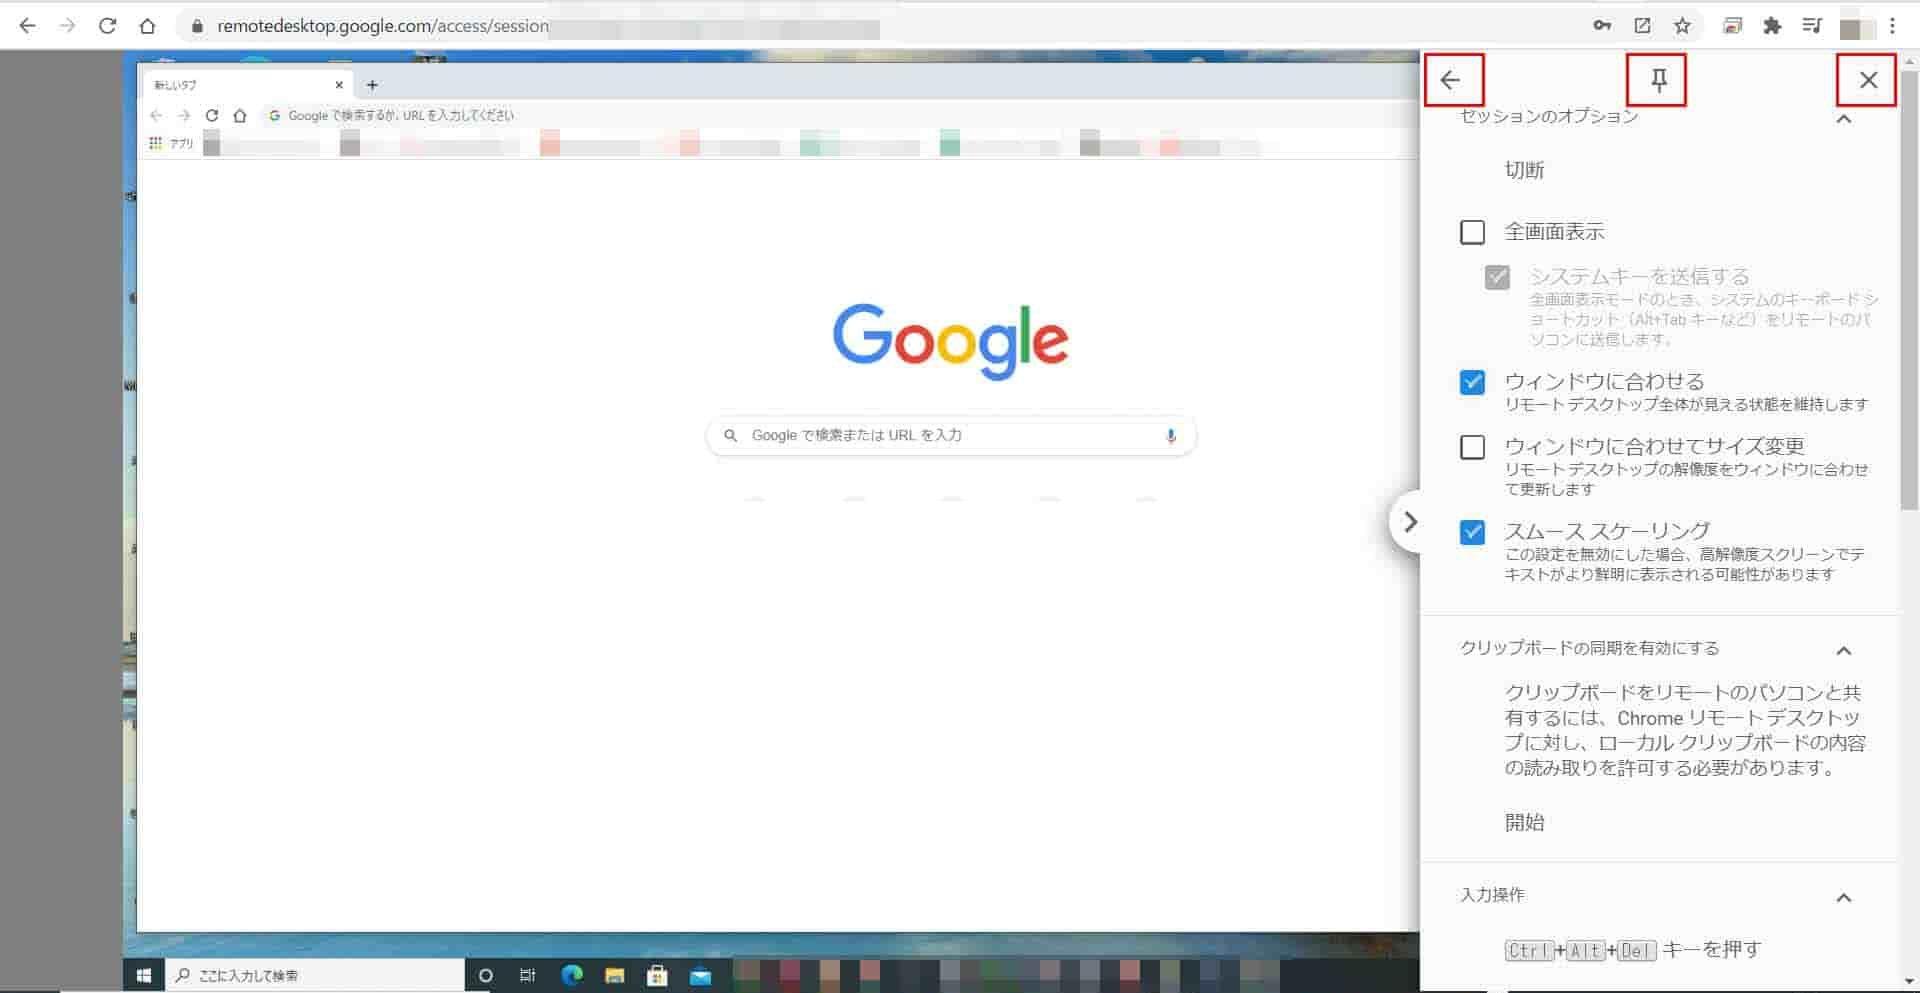 Chromeリモートデスクトップの表示オプションパネル